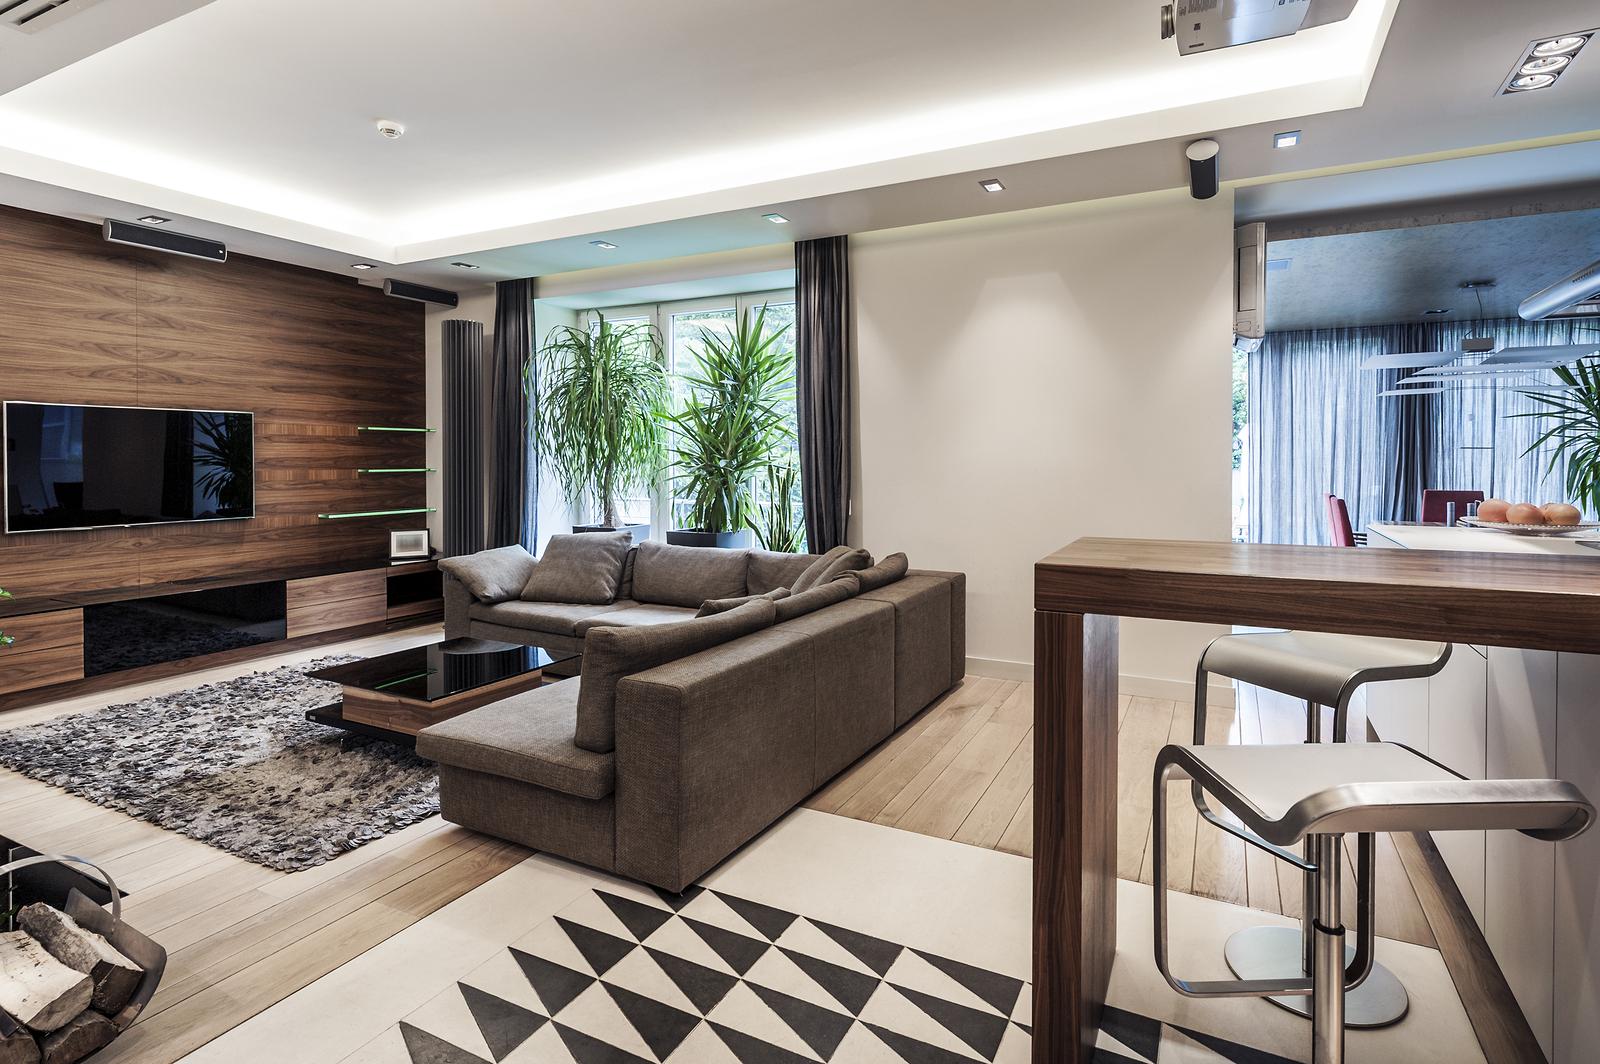 bigstock-Modern-Living-Room-Interior-40117534.jpg